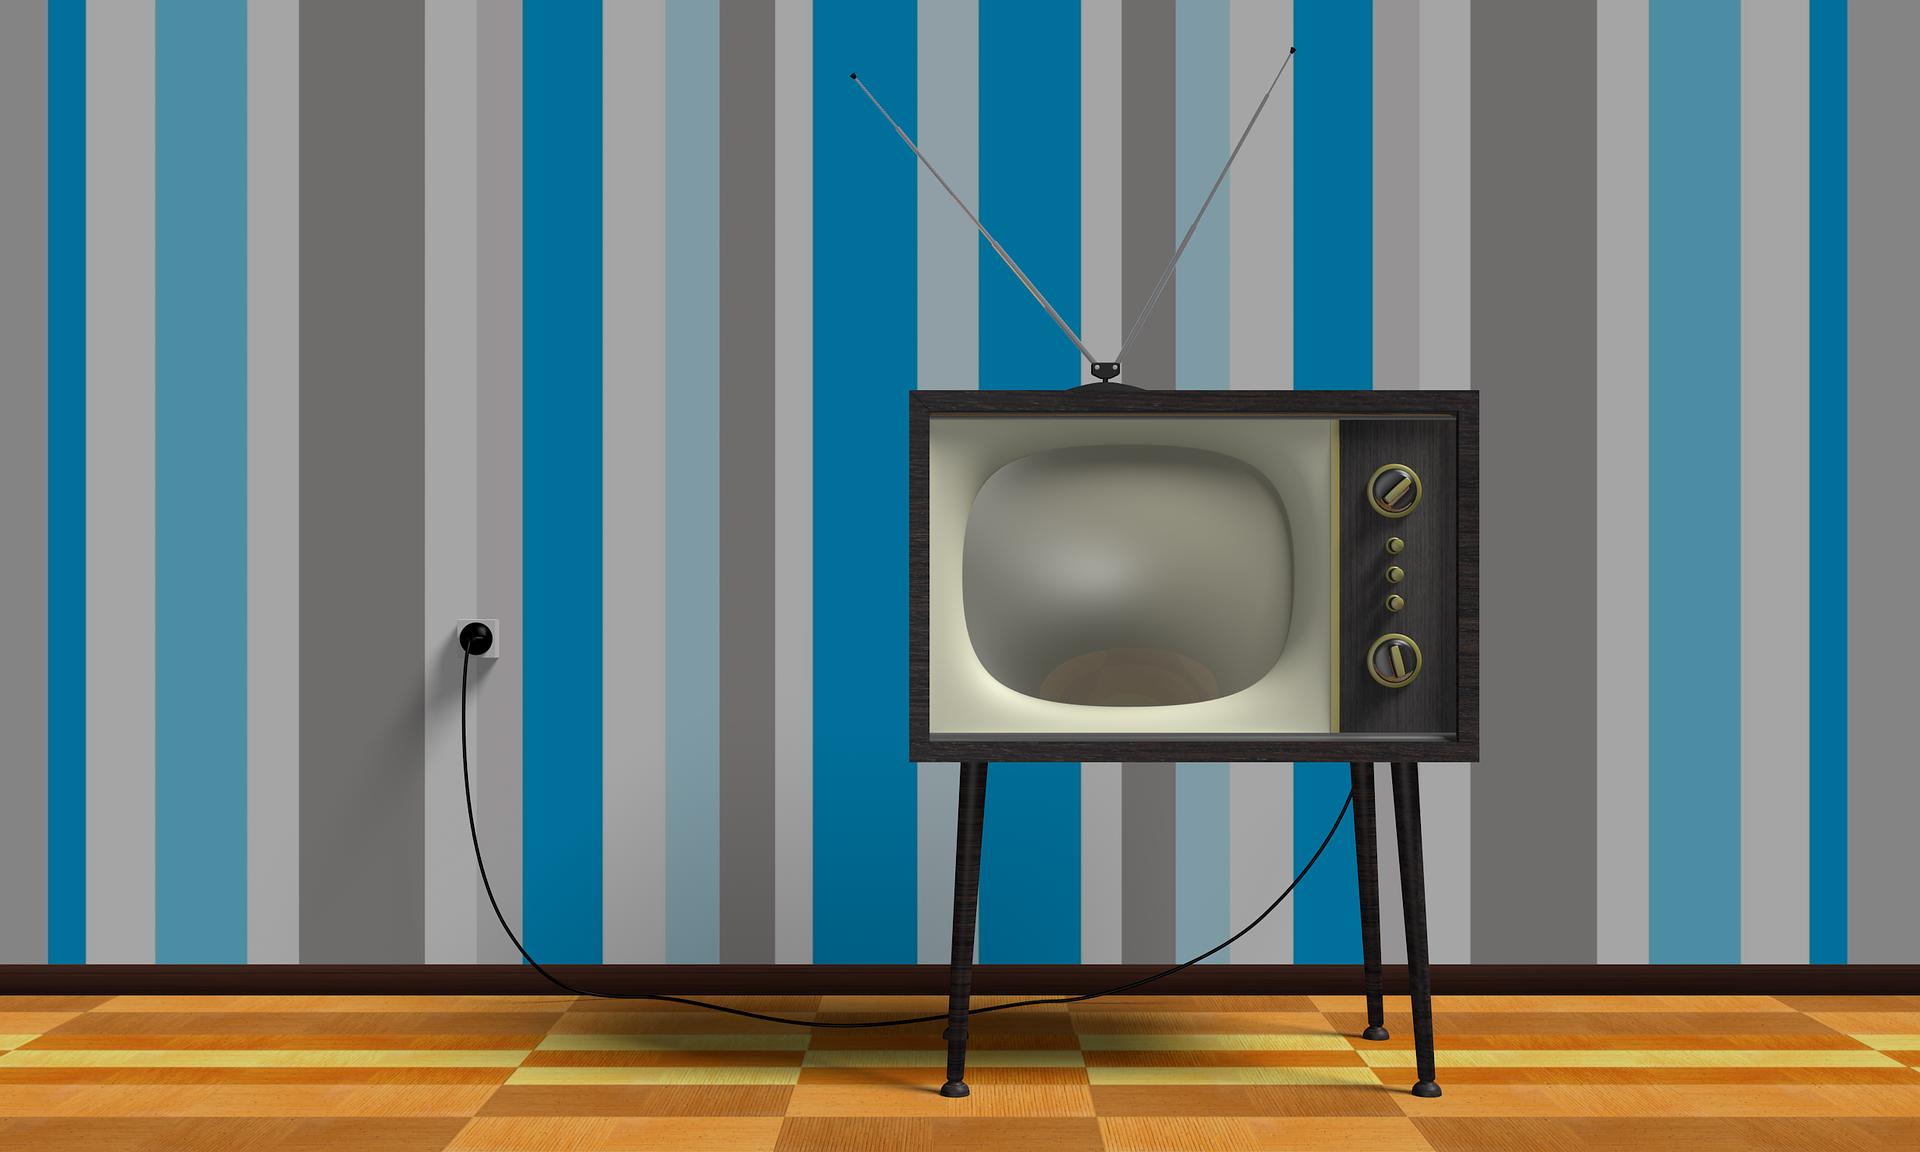 Immagine Ispirarsi ai linguaggi della Tv in un mondo senza slide